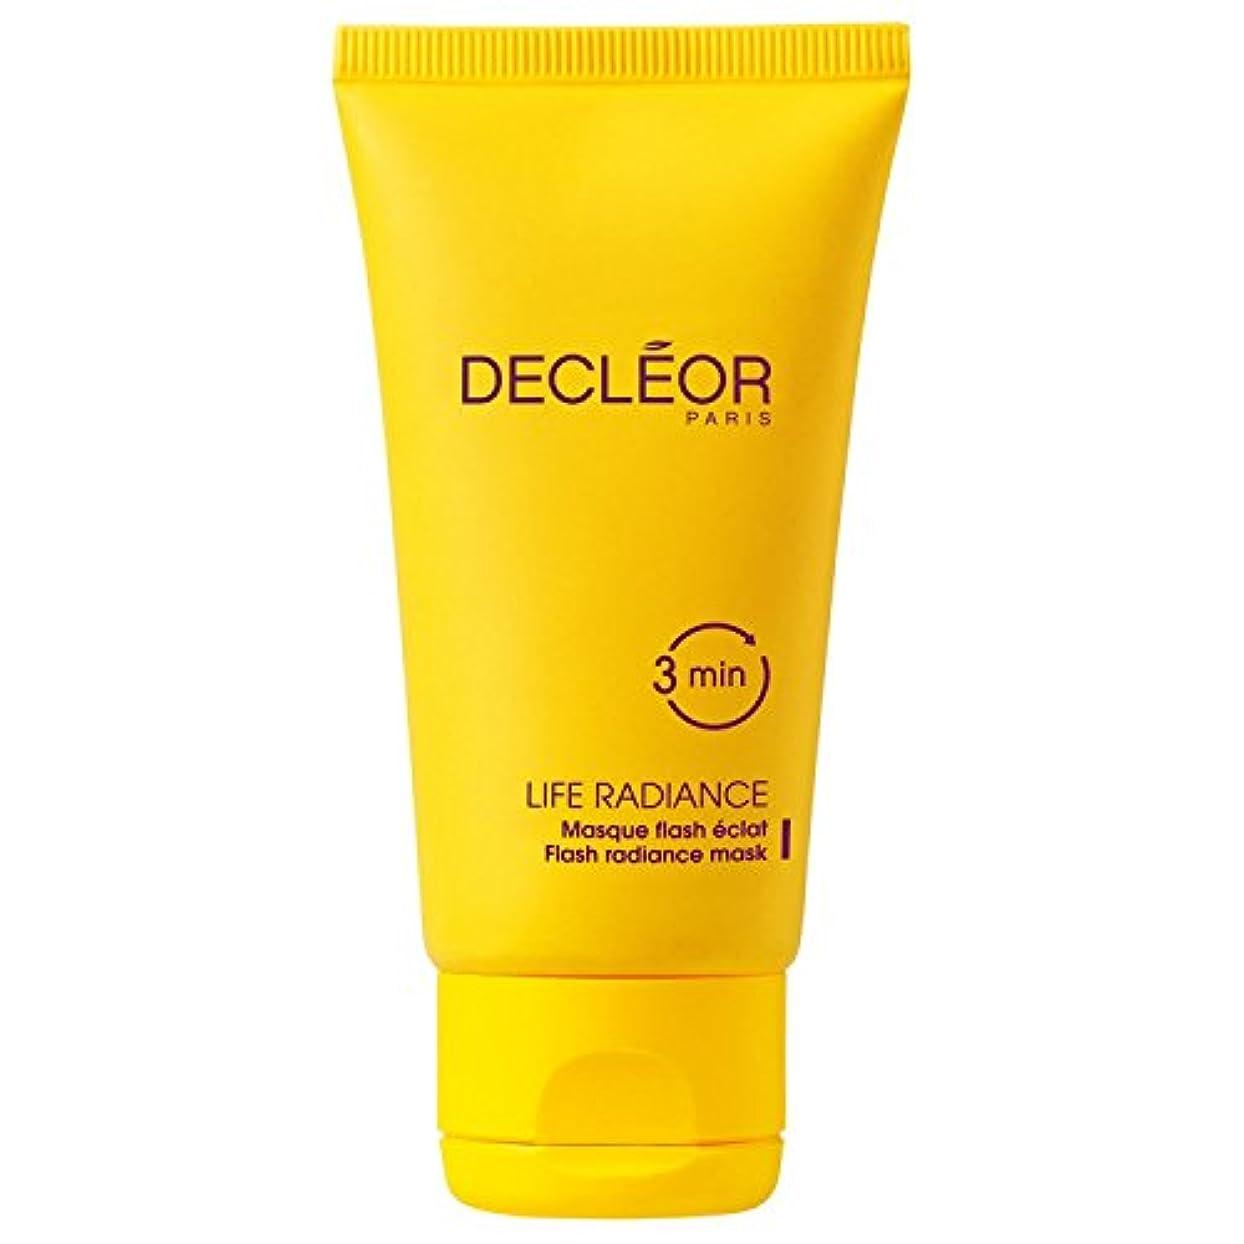 暴露潜在的な中国[Decl?or] デクレオール放射輝度フラッシュマスク50ミリリットル - Decl?or Radiance Flash Mask 50ml [並行輸入品]